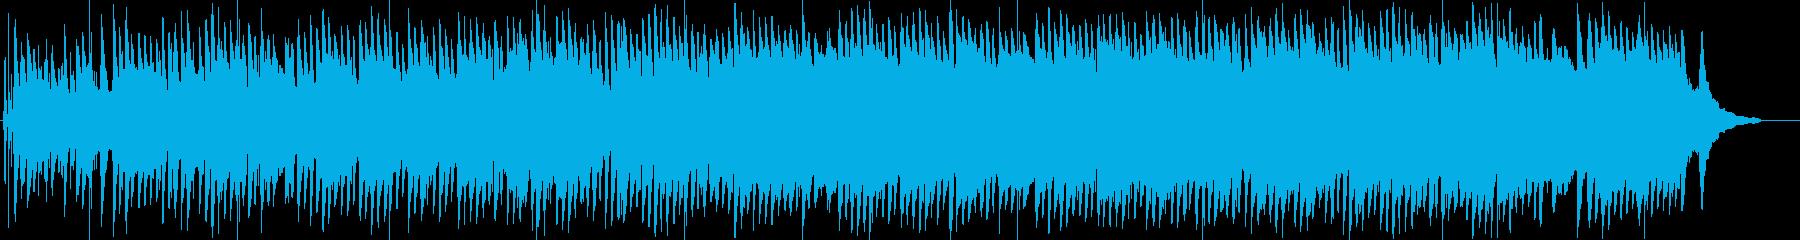 【癒し】ピアノと水音のエレクトロニカの再生済みの波形